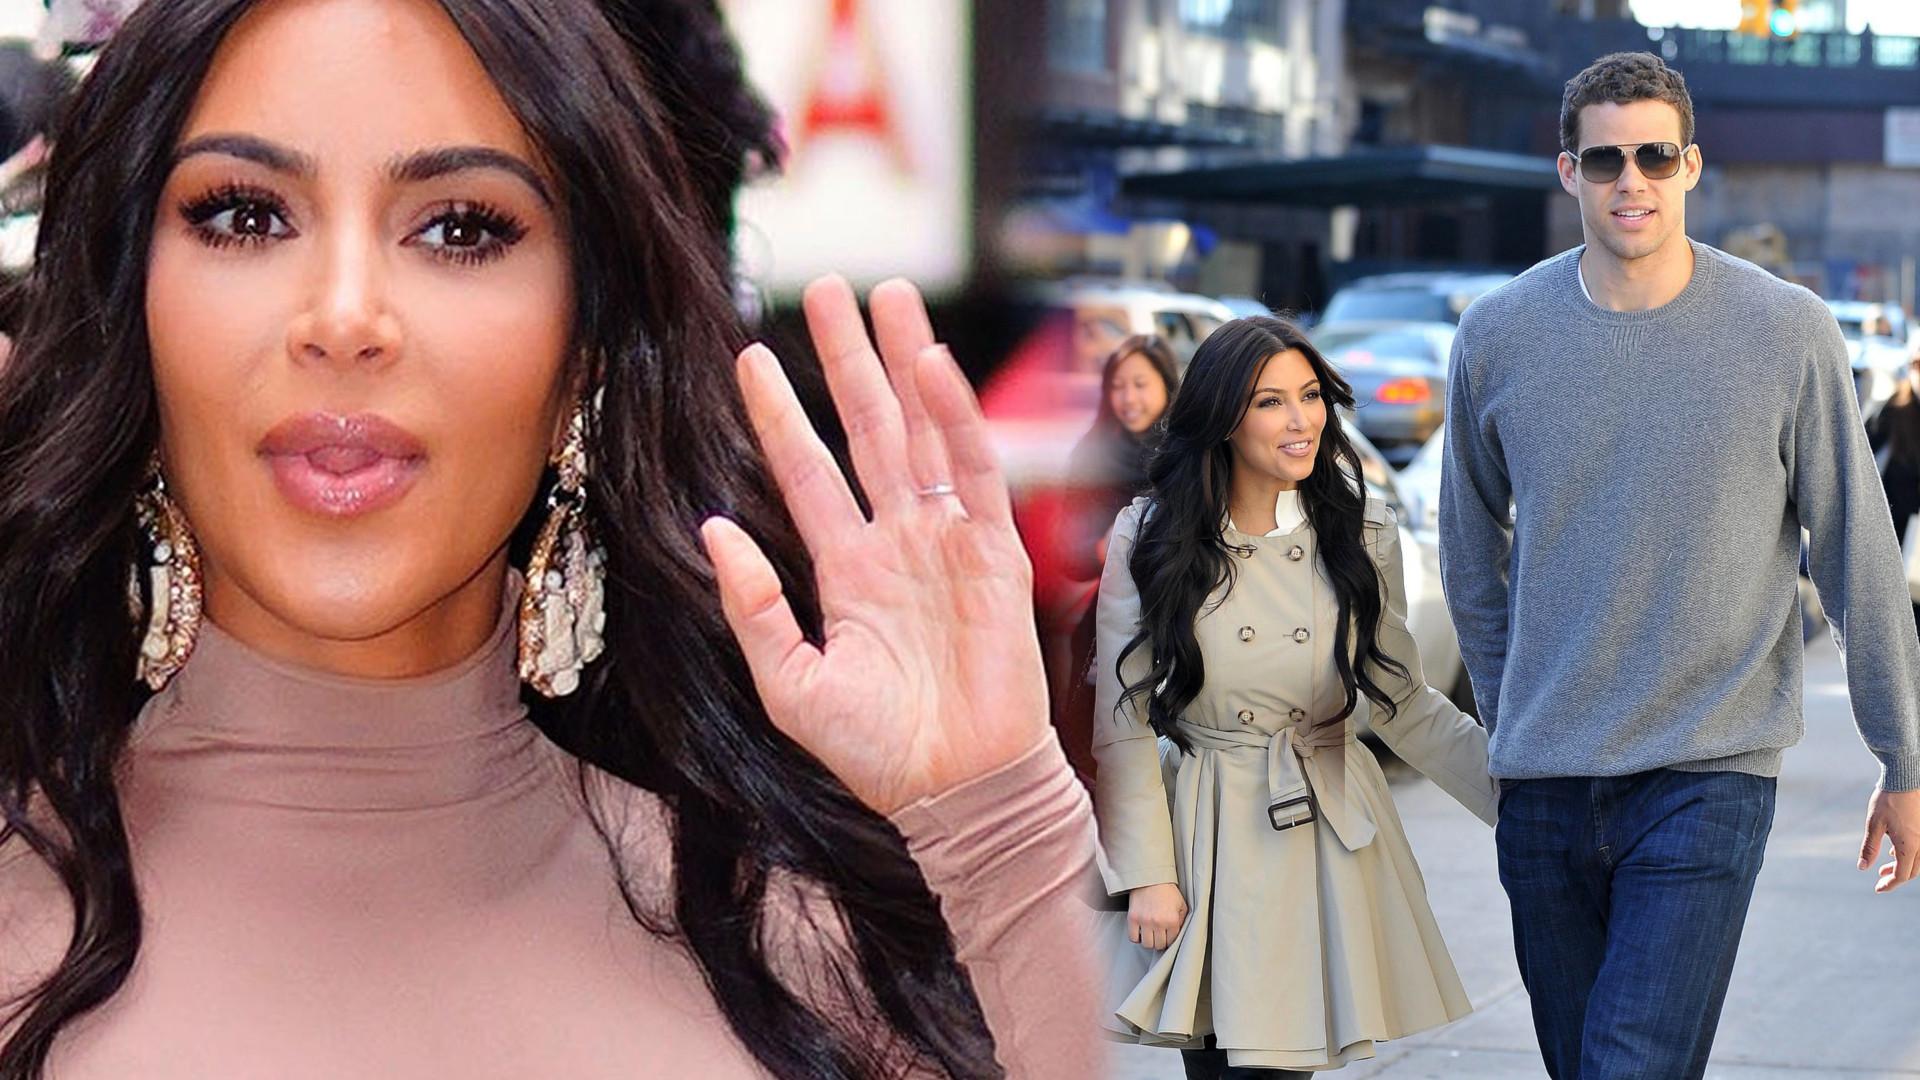 """Były mąż Kim Kardashian w ostrych słowach o ich krótkim małżeństwie: """"Brutalne i zawstydzające"""""""